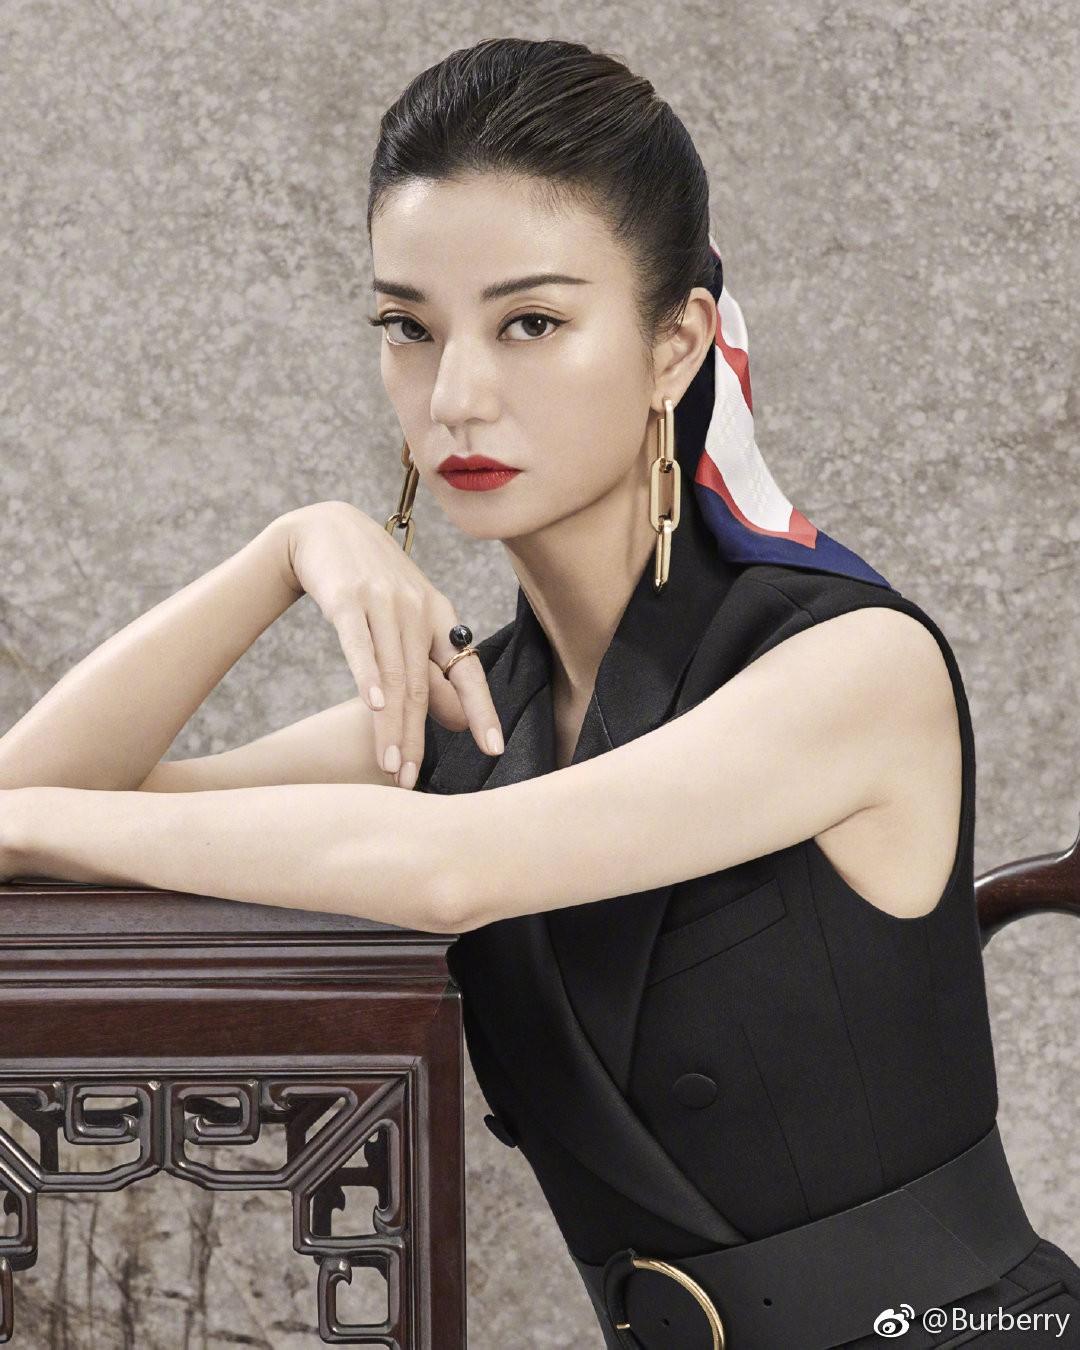 Tung poster sang chảnh quảng cáo dịp Tết, Burberry khiến dân mạng Trung Quốc bất an vì trông u ám quá - Ảnh 4.